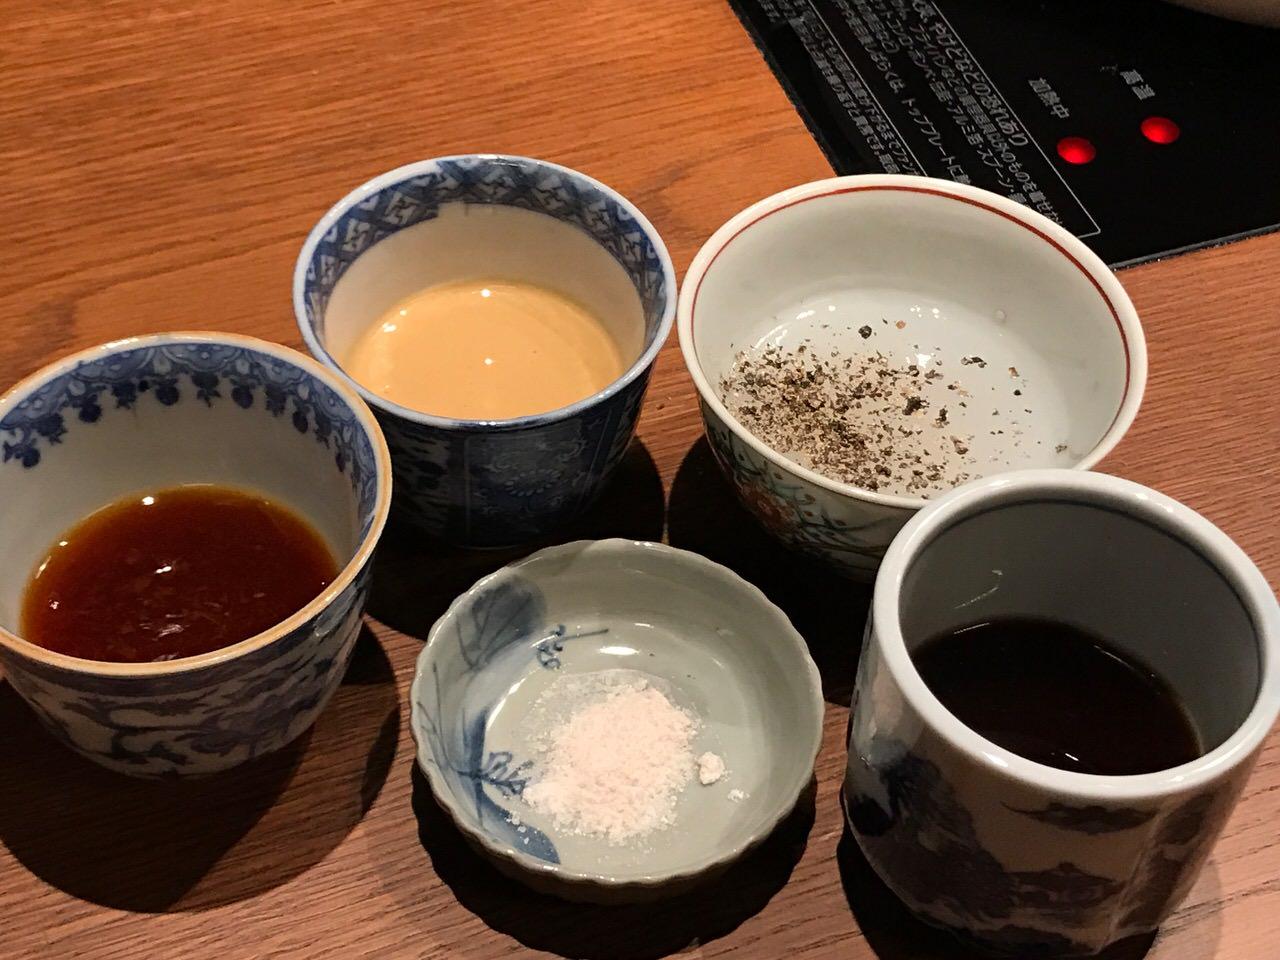 Butagumi nagoya 8193